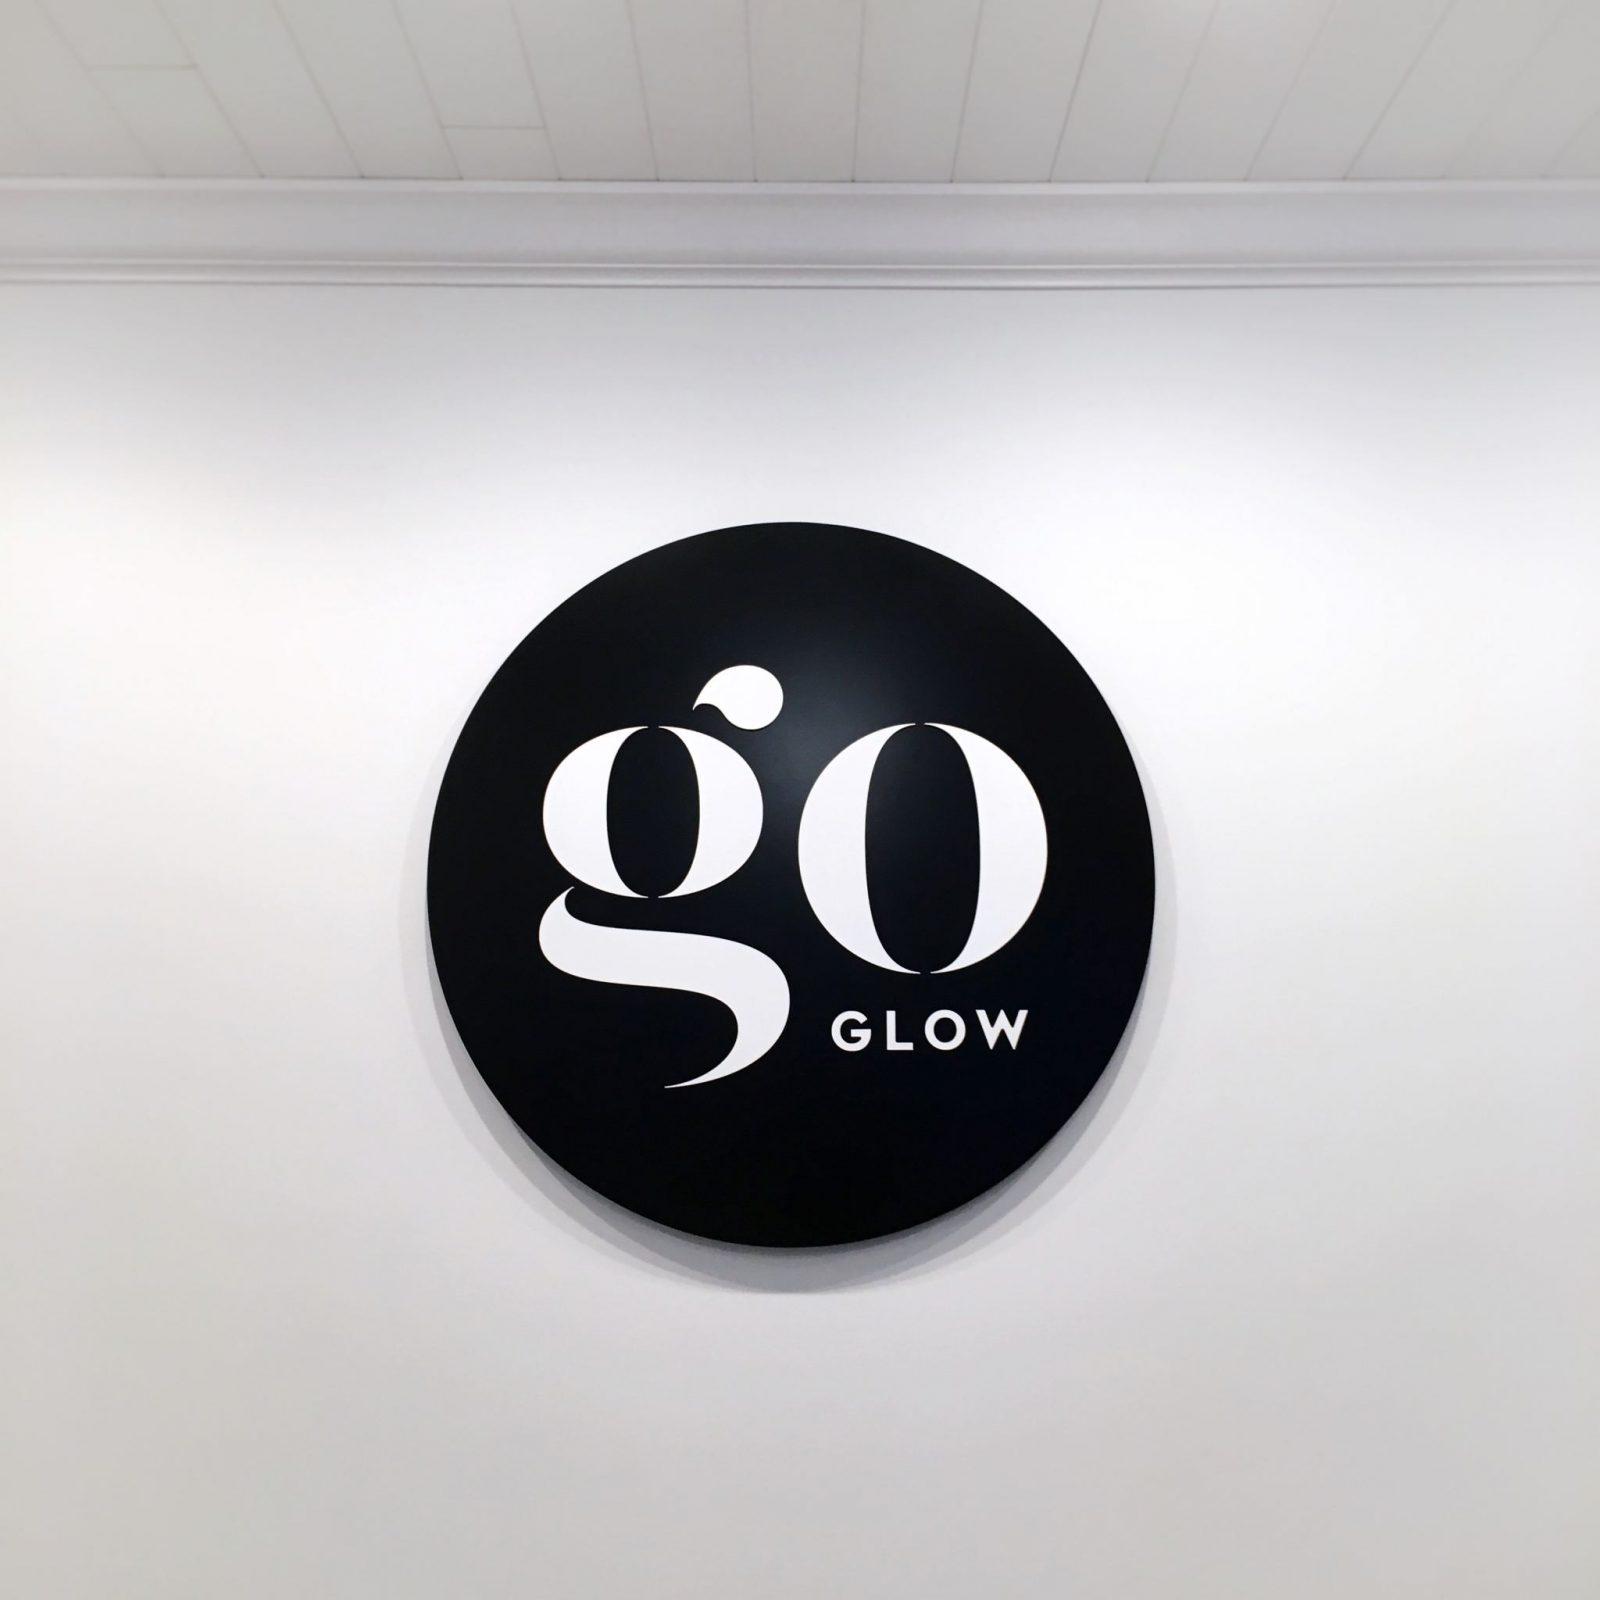 Go Glow Spray Tan Review